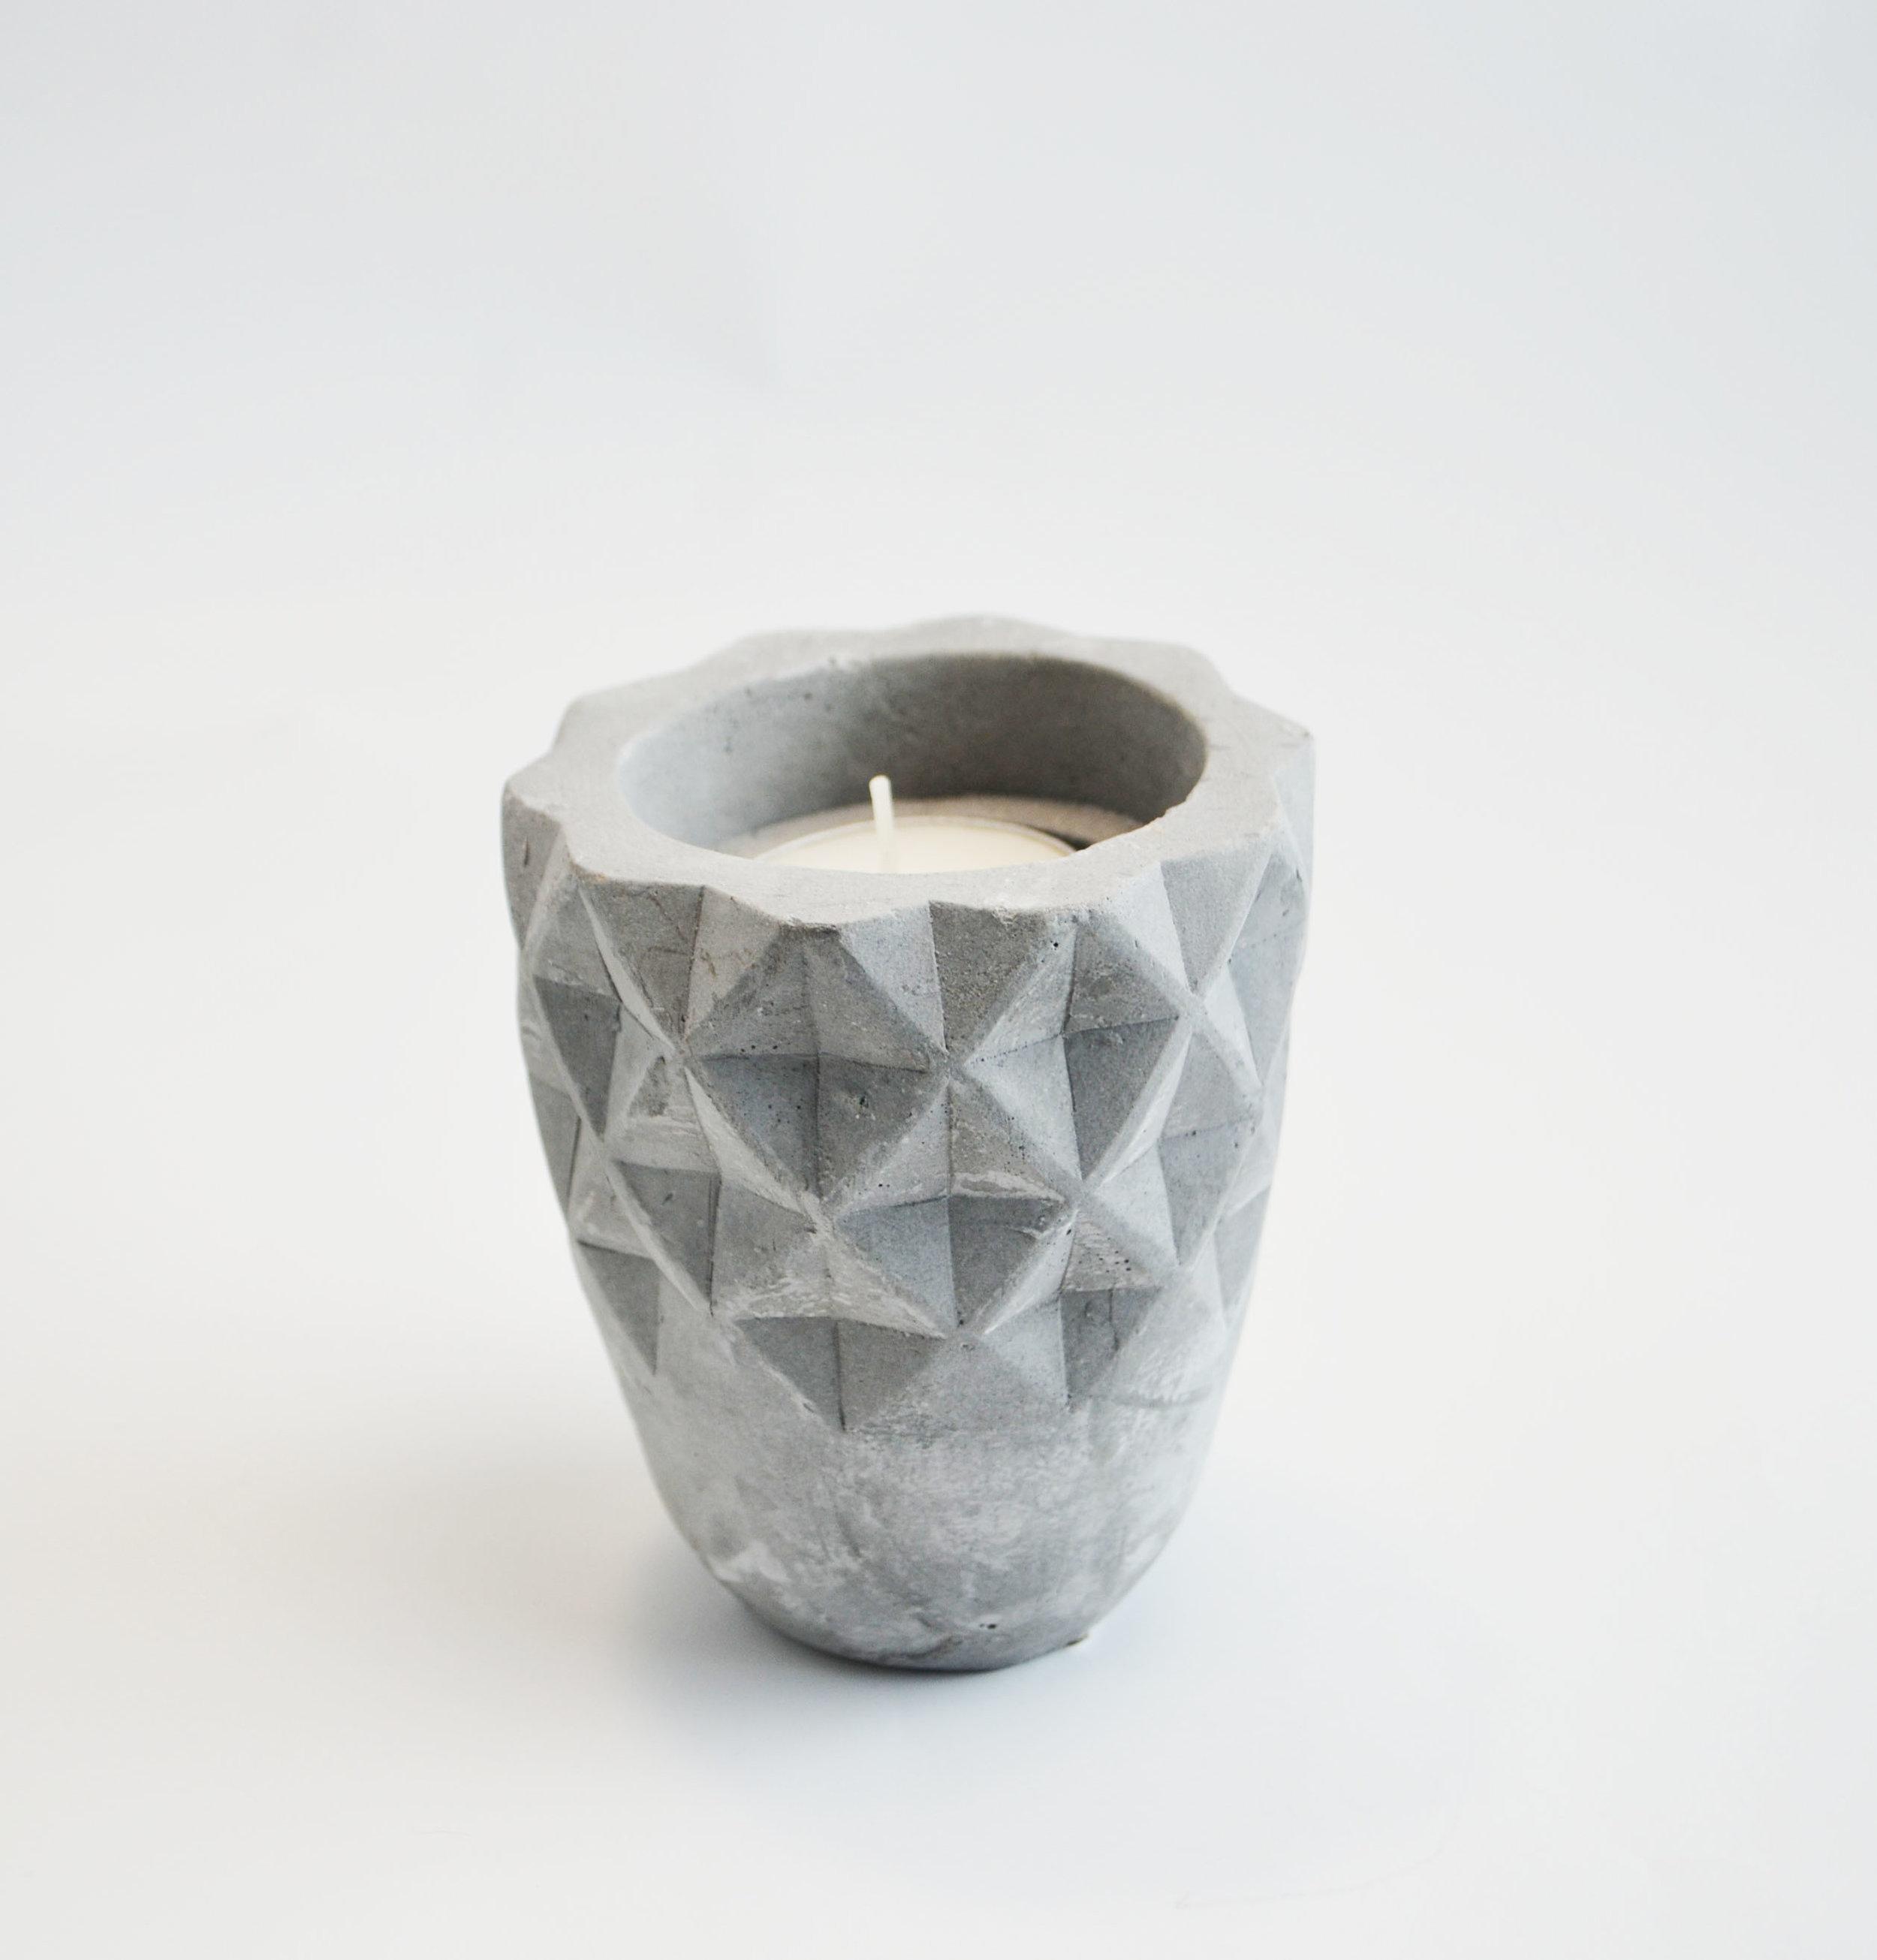 embossed stone votive   Quantity: 4  Price: $4.50